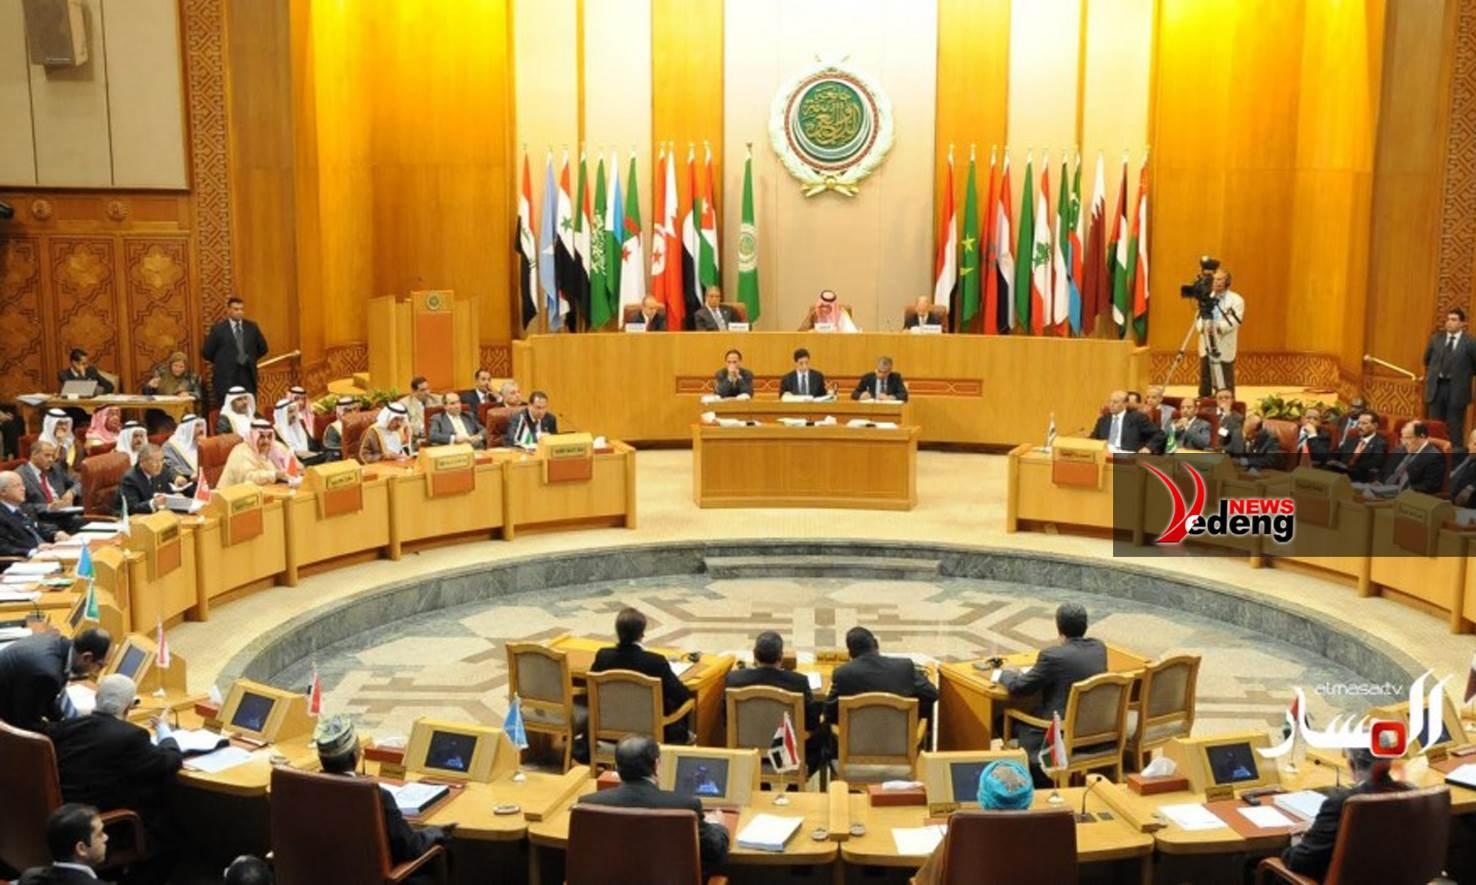 مشاورات الوحدة العربية في جامعة الدول العربية تناولت كلّ شيء.. إلا الوحدة العربية!